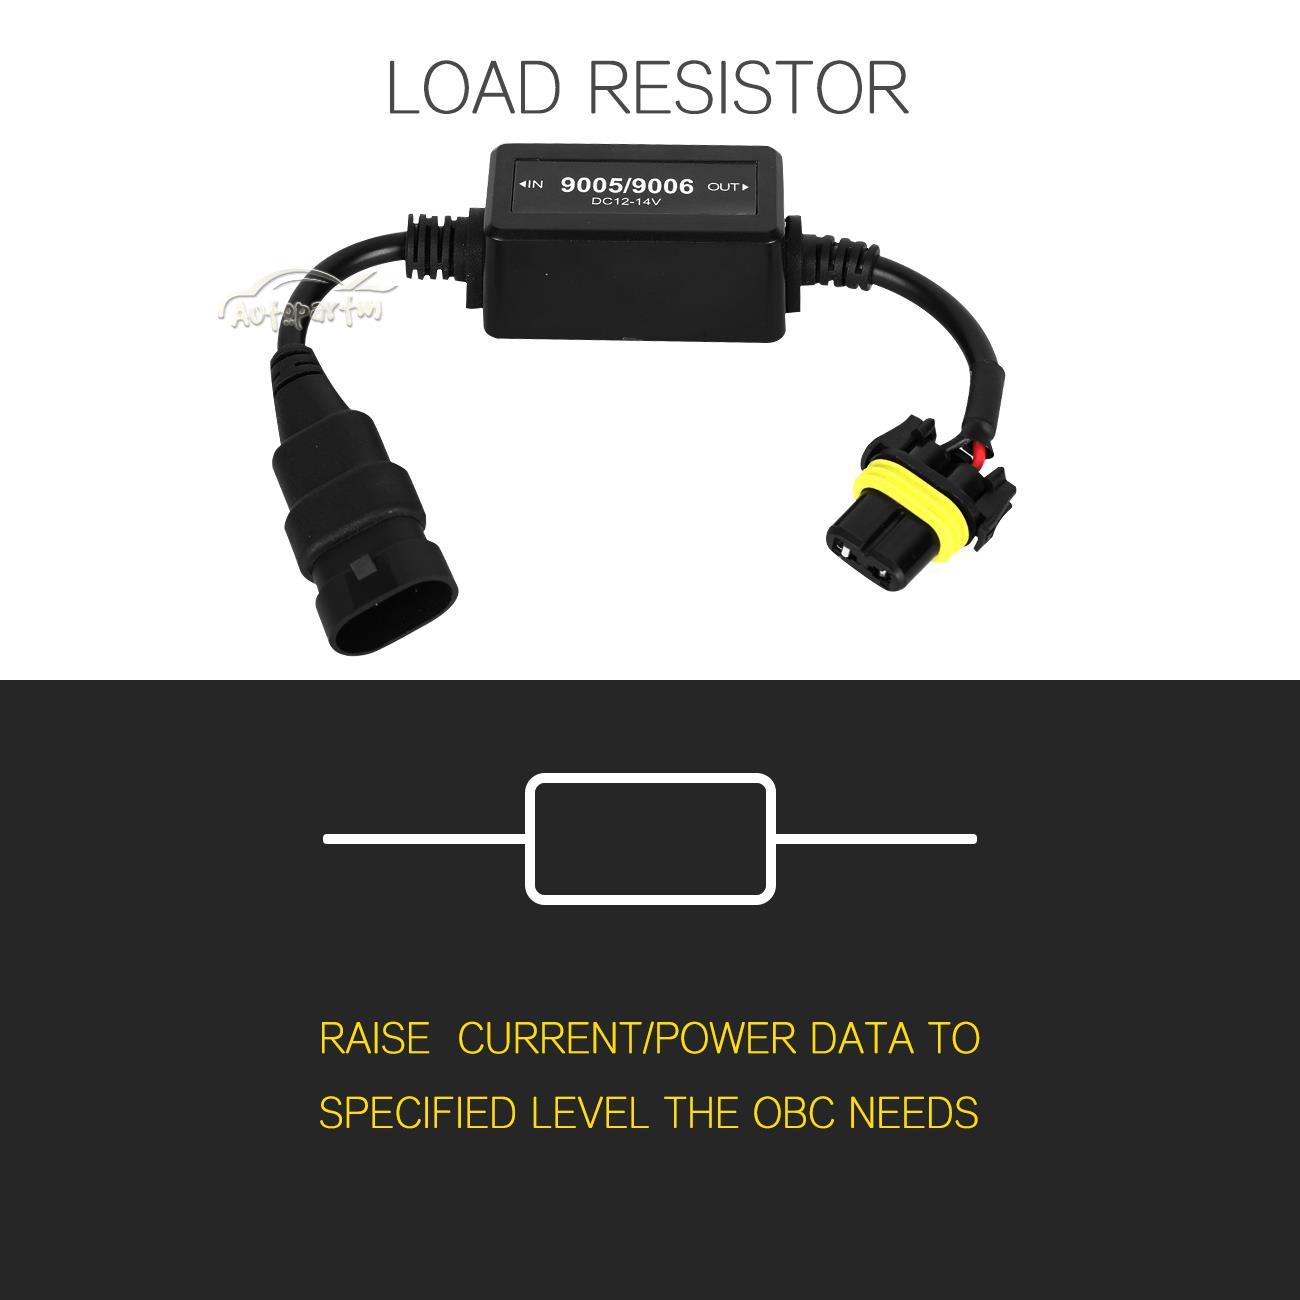 Hot rod wiring harness waterproof